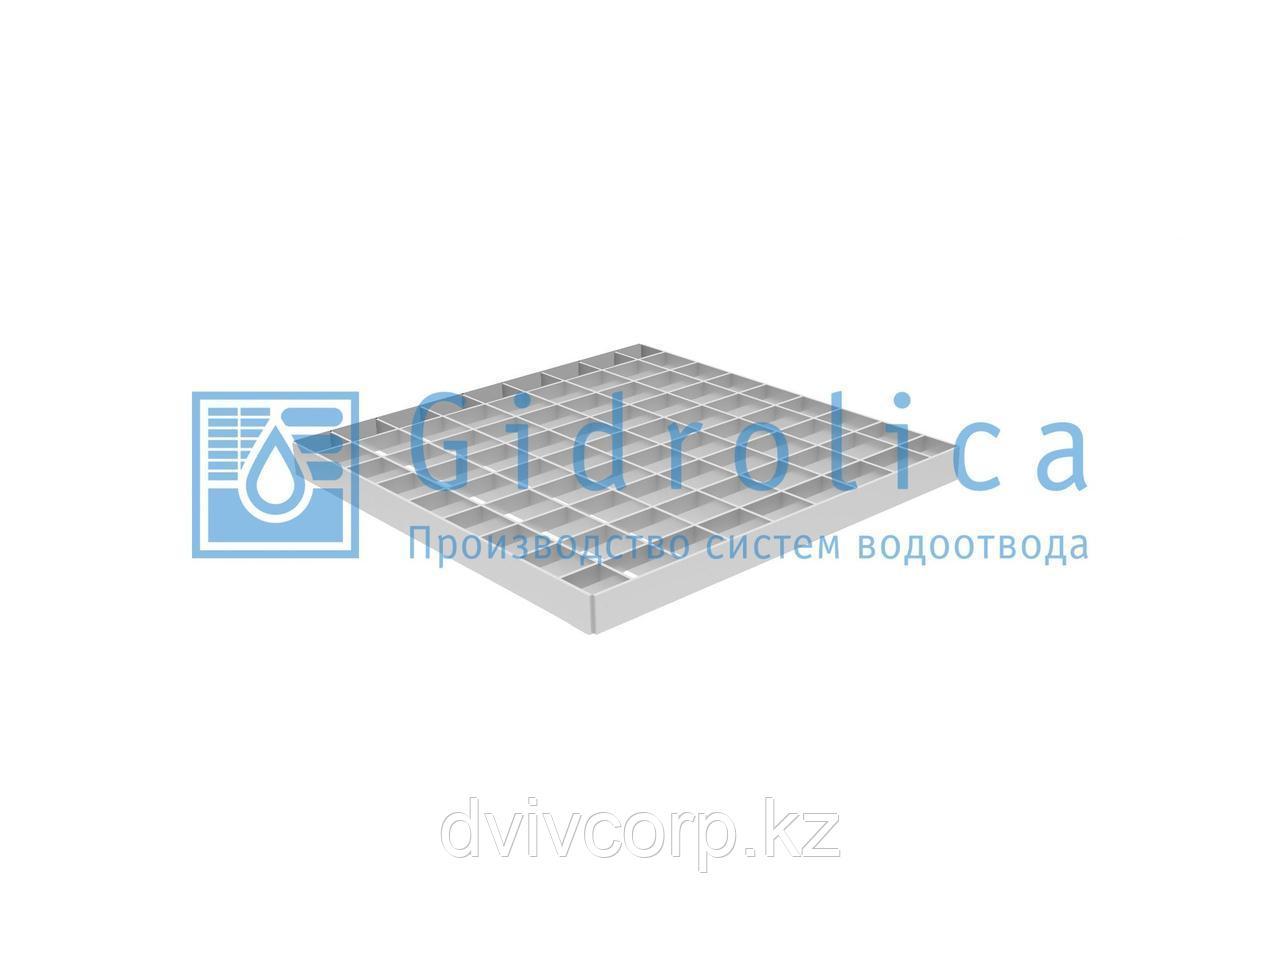 Арт. 206 Решетка водоприемная Gidrolica Point РВ-28,5.28,5 - ячеистая стальная оцинкованная, кл. В125